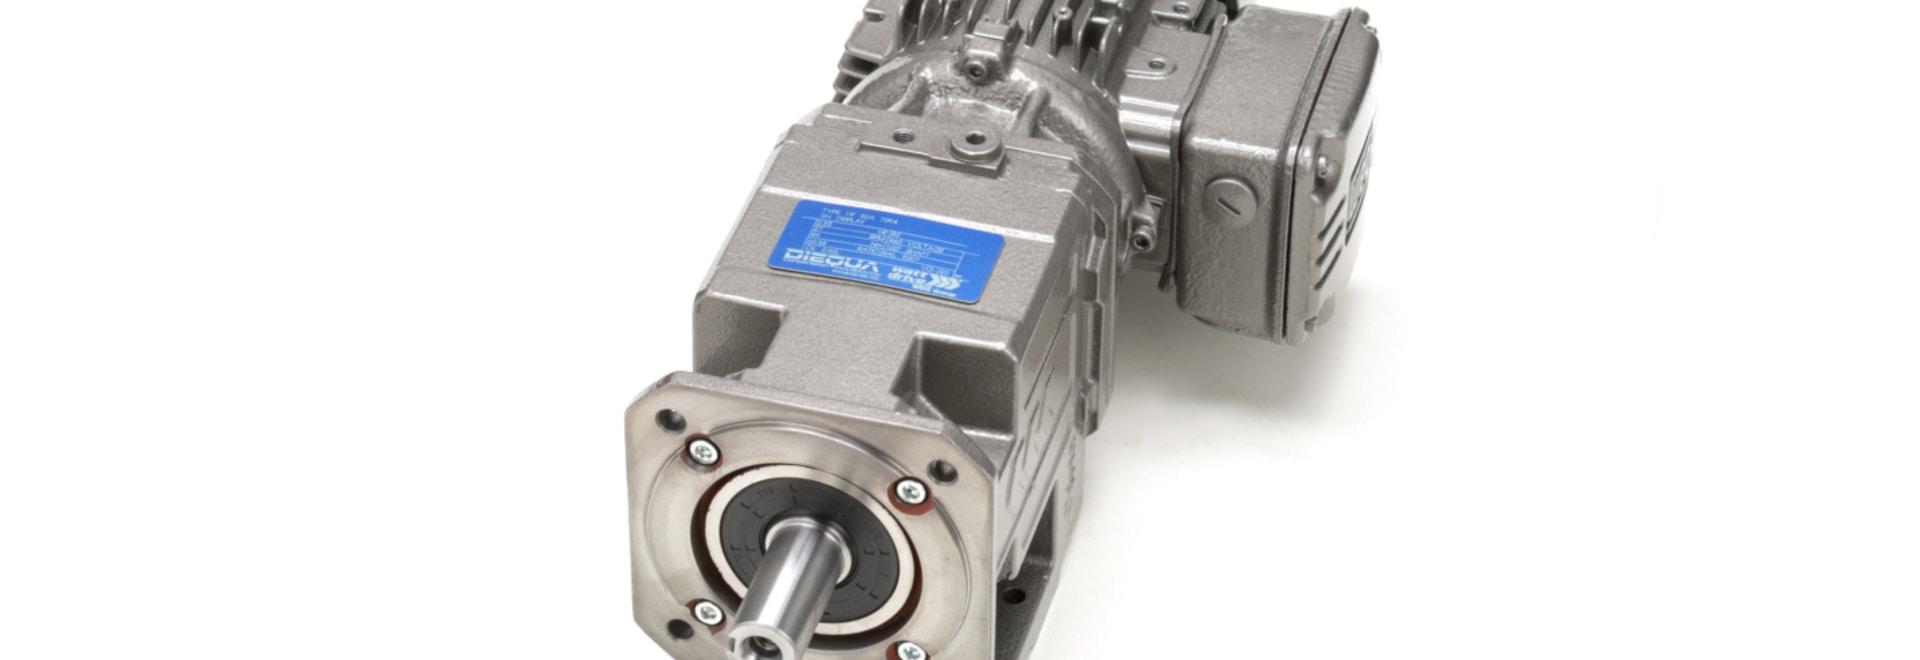 Motores con engranajes y reductores de velocidad helicoidales en línea